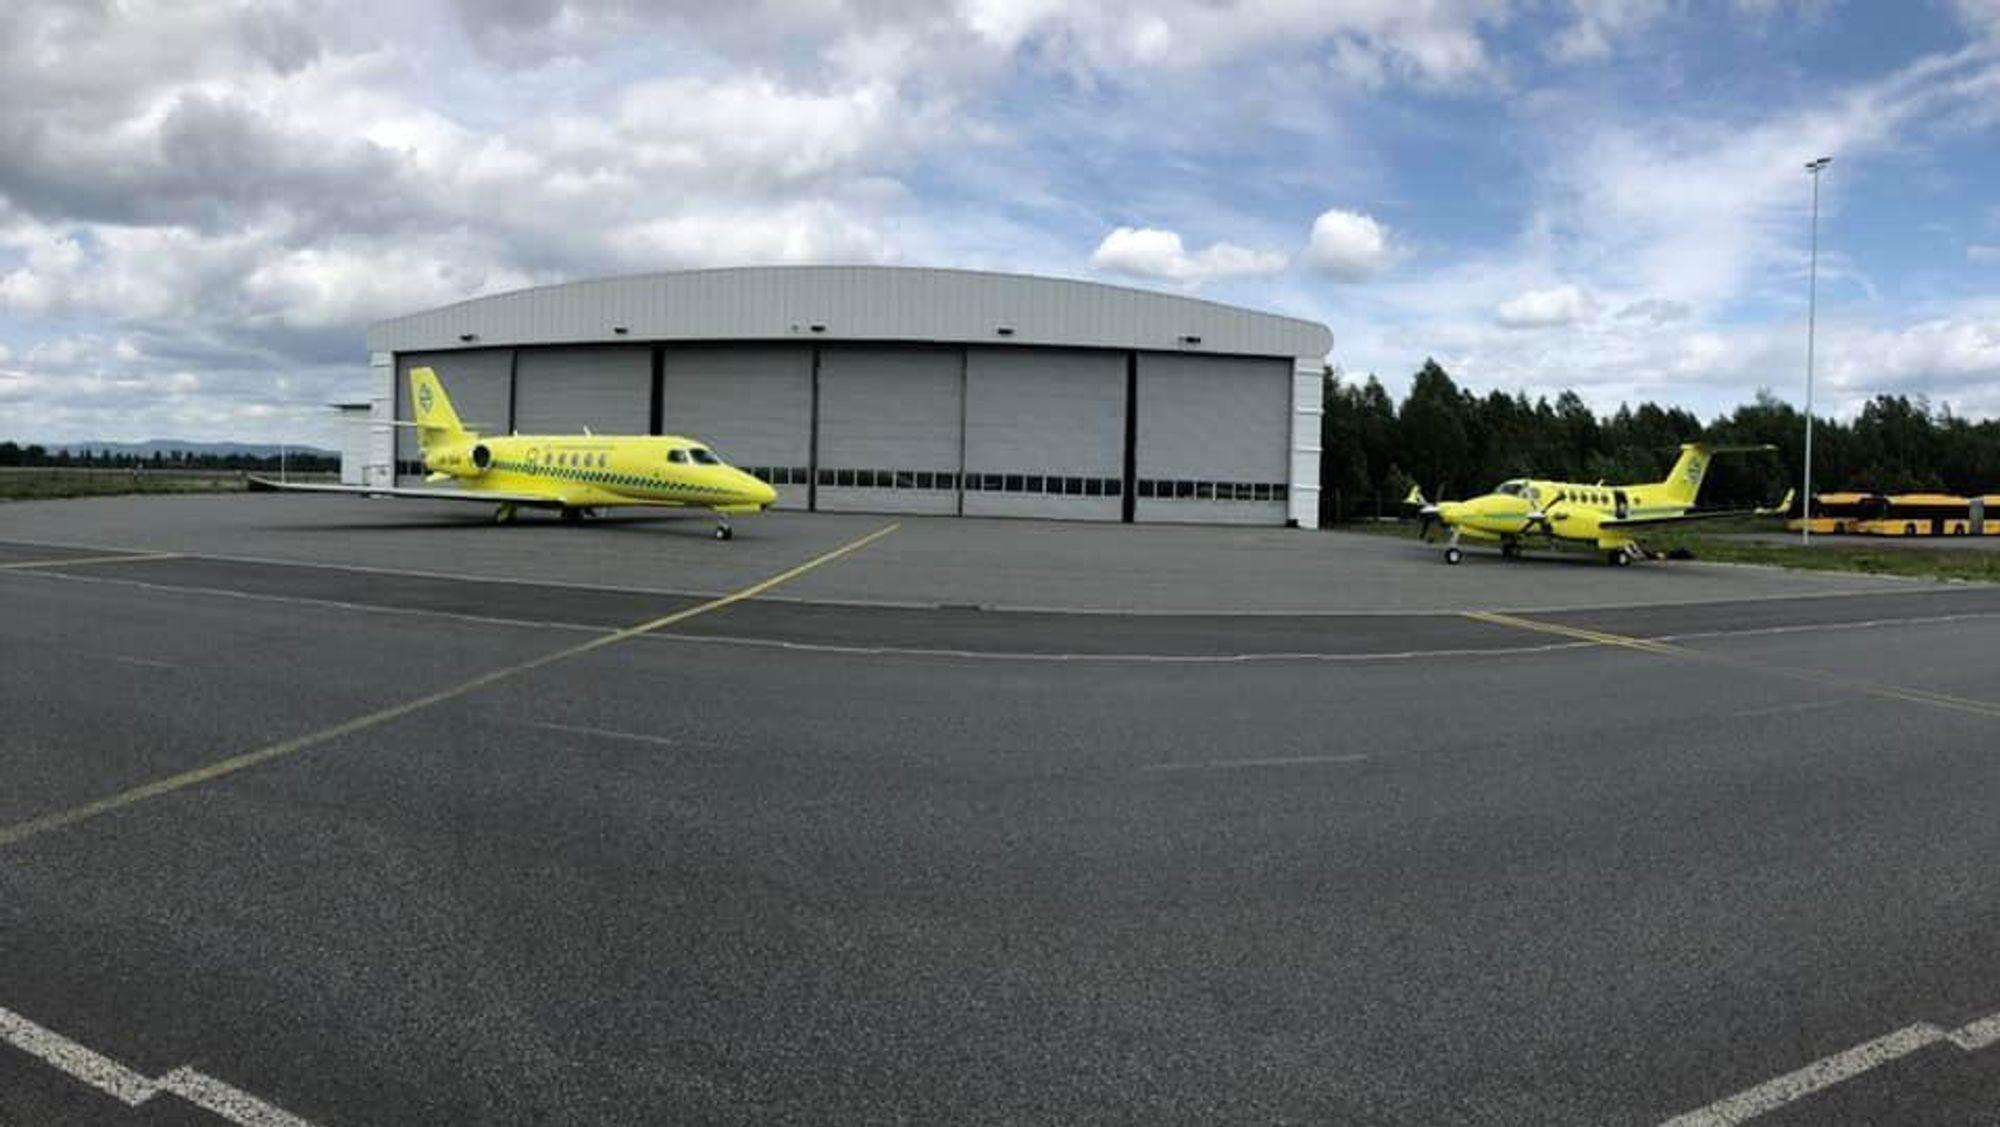 Babcock overtok luftambulansetjenesten i Norge 1. juli, men beredskapen har i ettertid vært redusert fordi flyene ikke har vært operative.